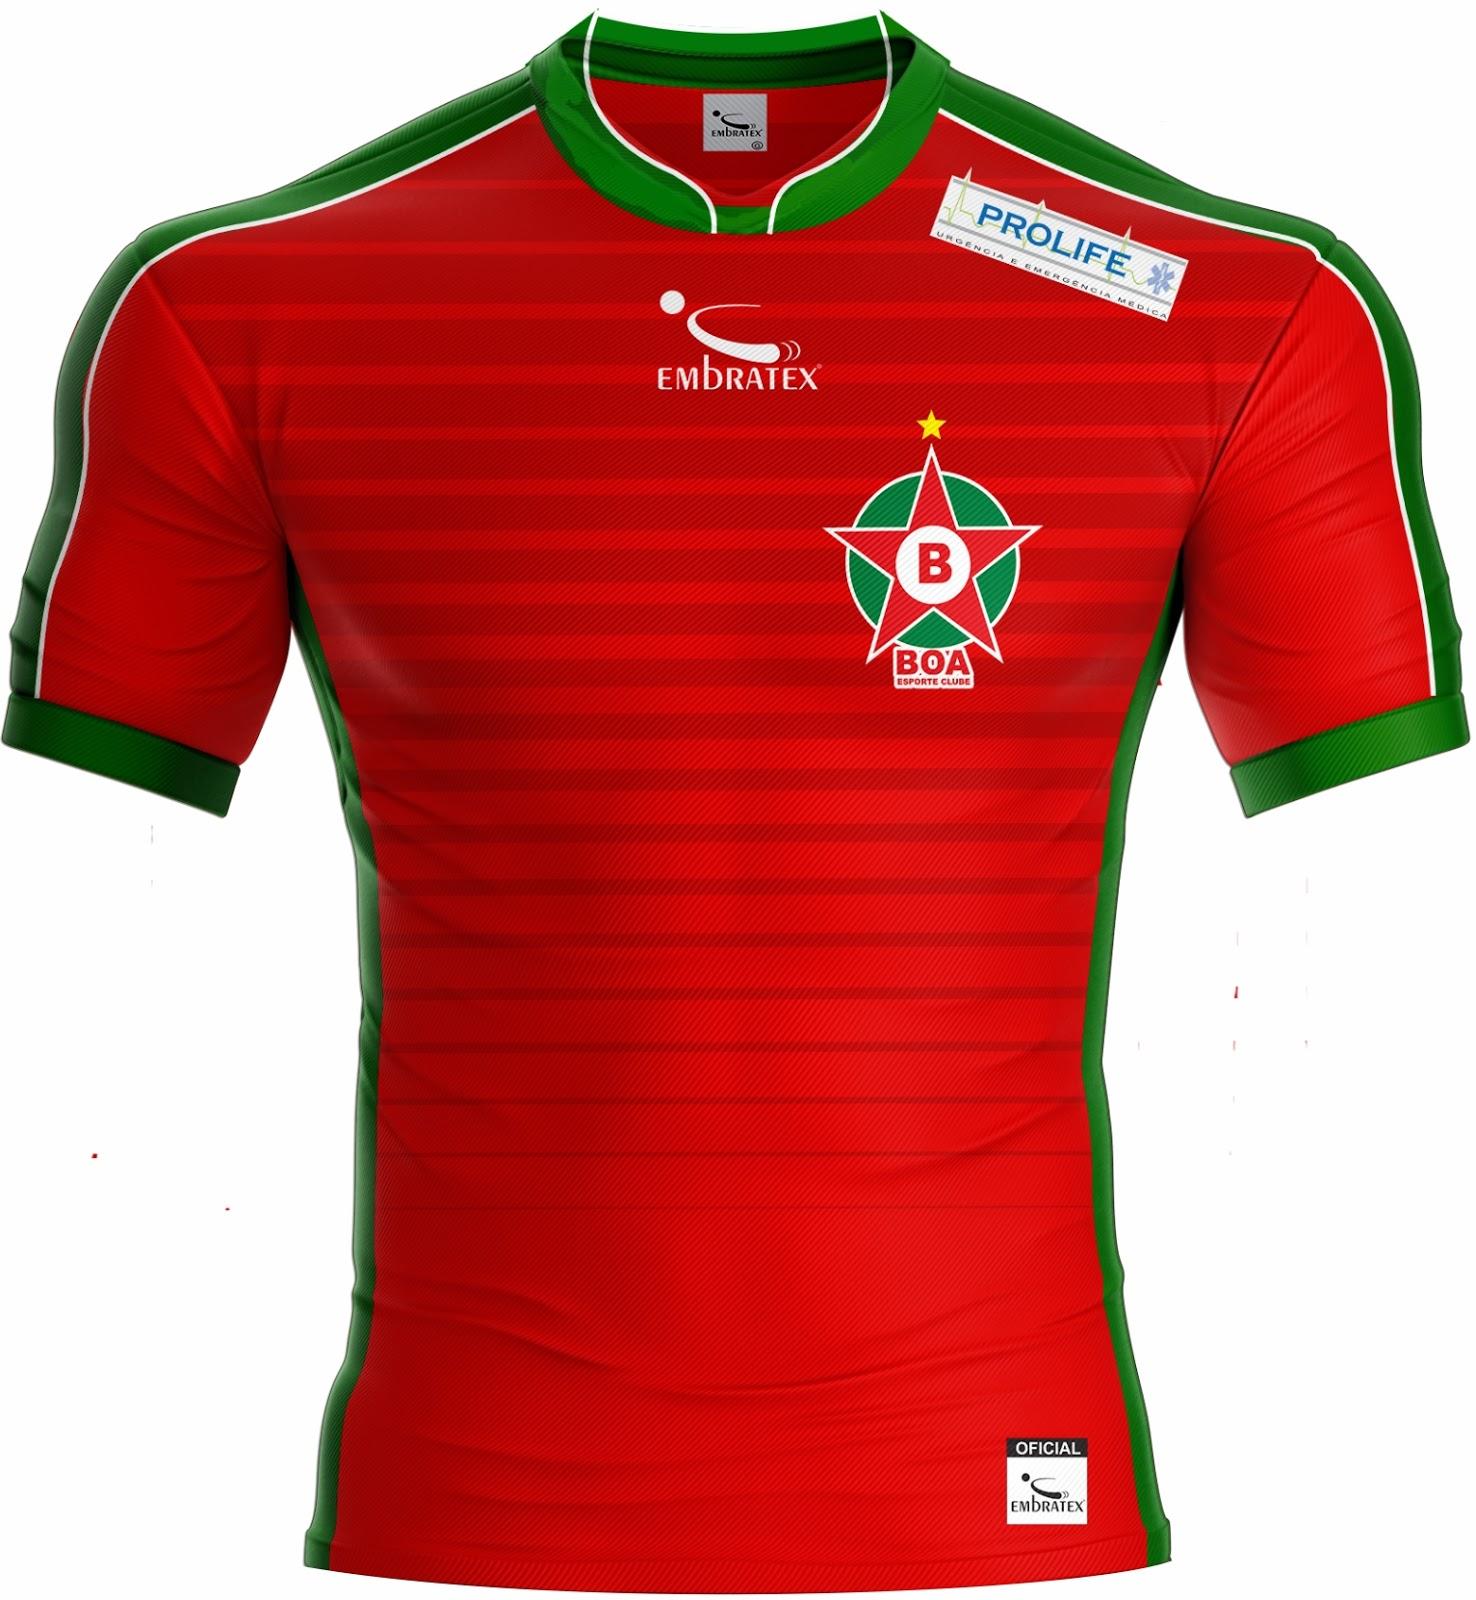 Embratex lança as novas camisas do Boa Esporte - Show de Camisas e7c9ba4994326